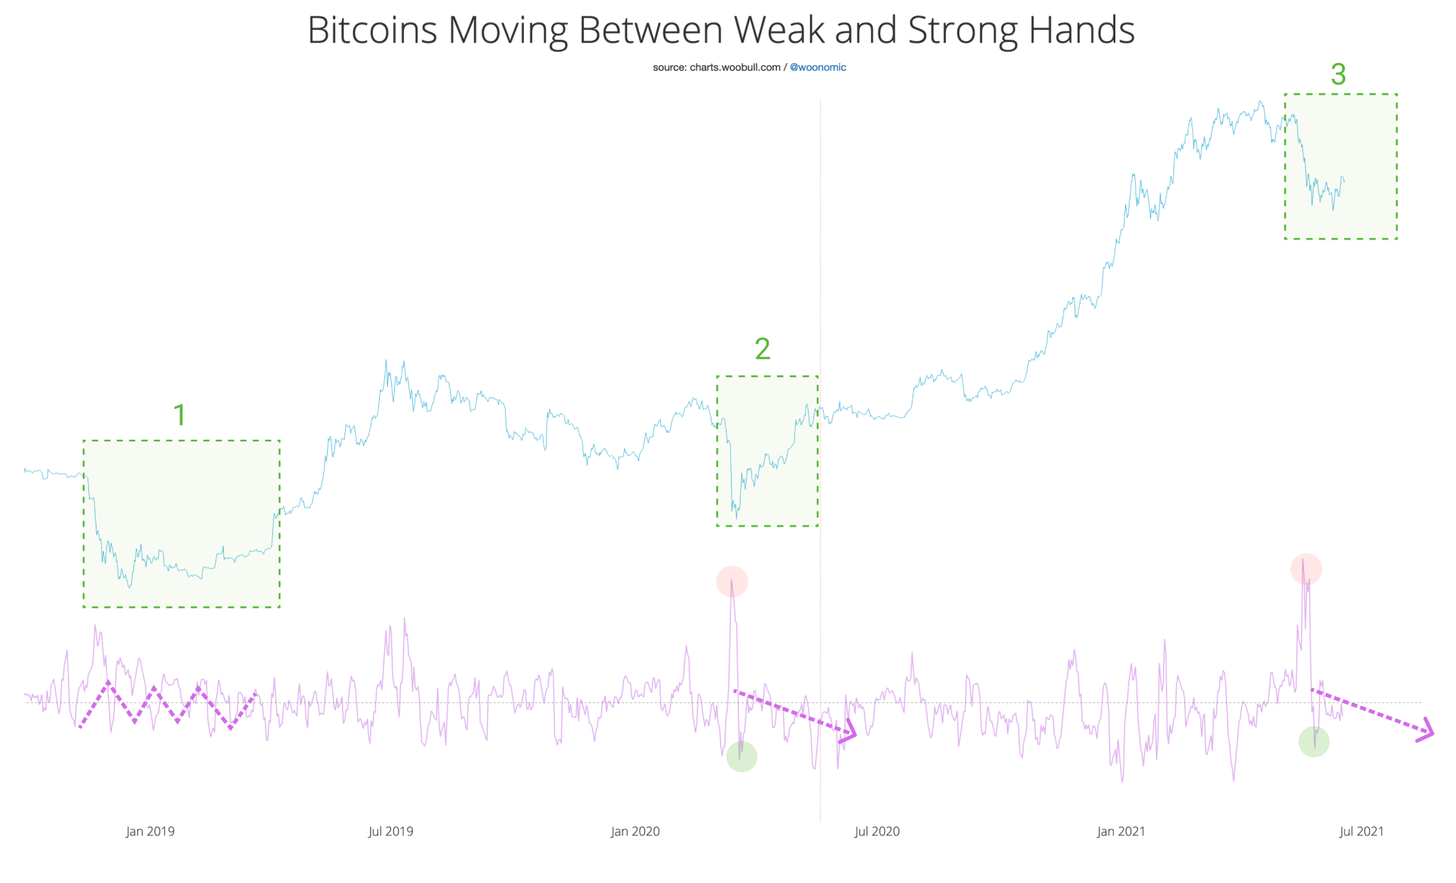 Media mobile a 7 giorni delle monete spostate tra mani deboli e forti